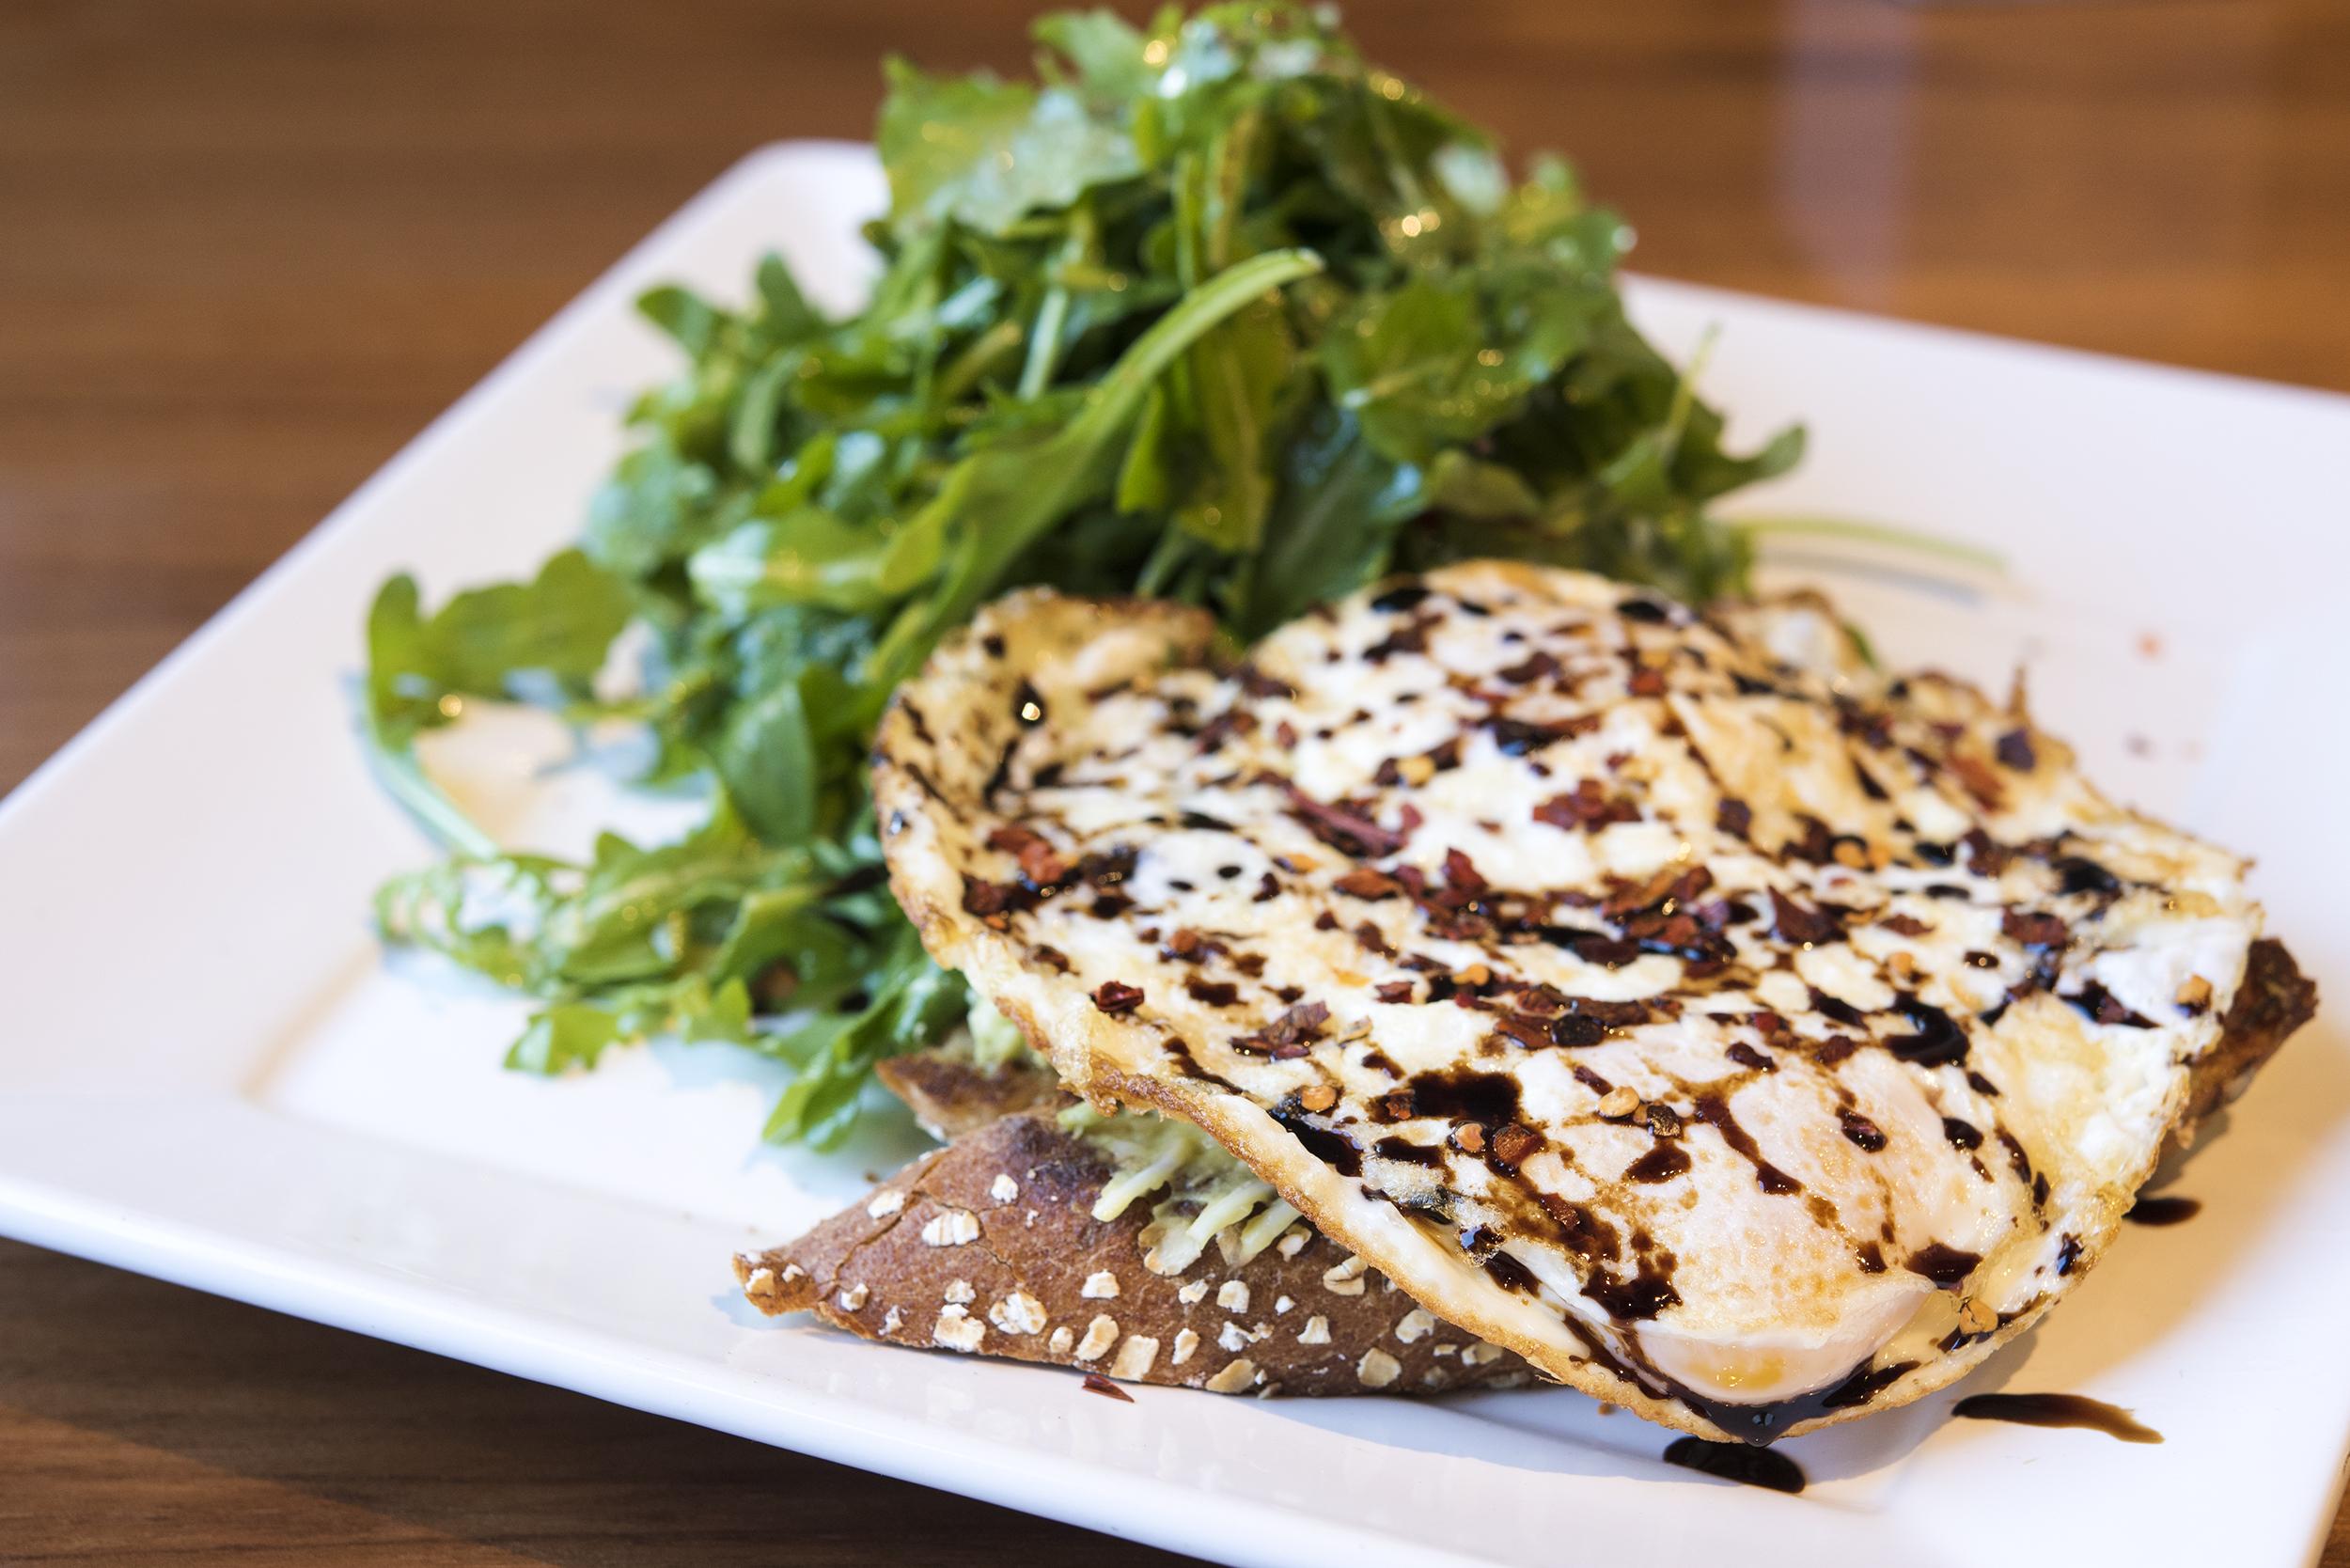 AvoToast and Arugula Salad